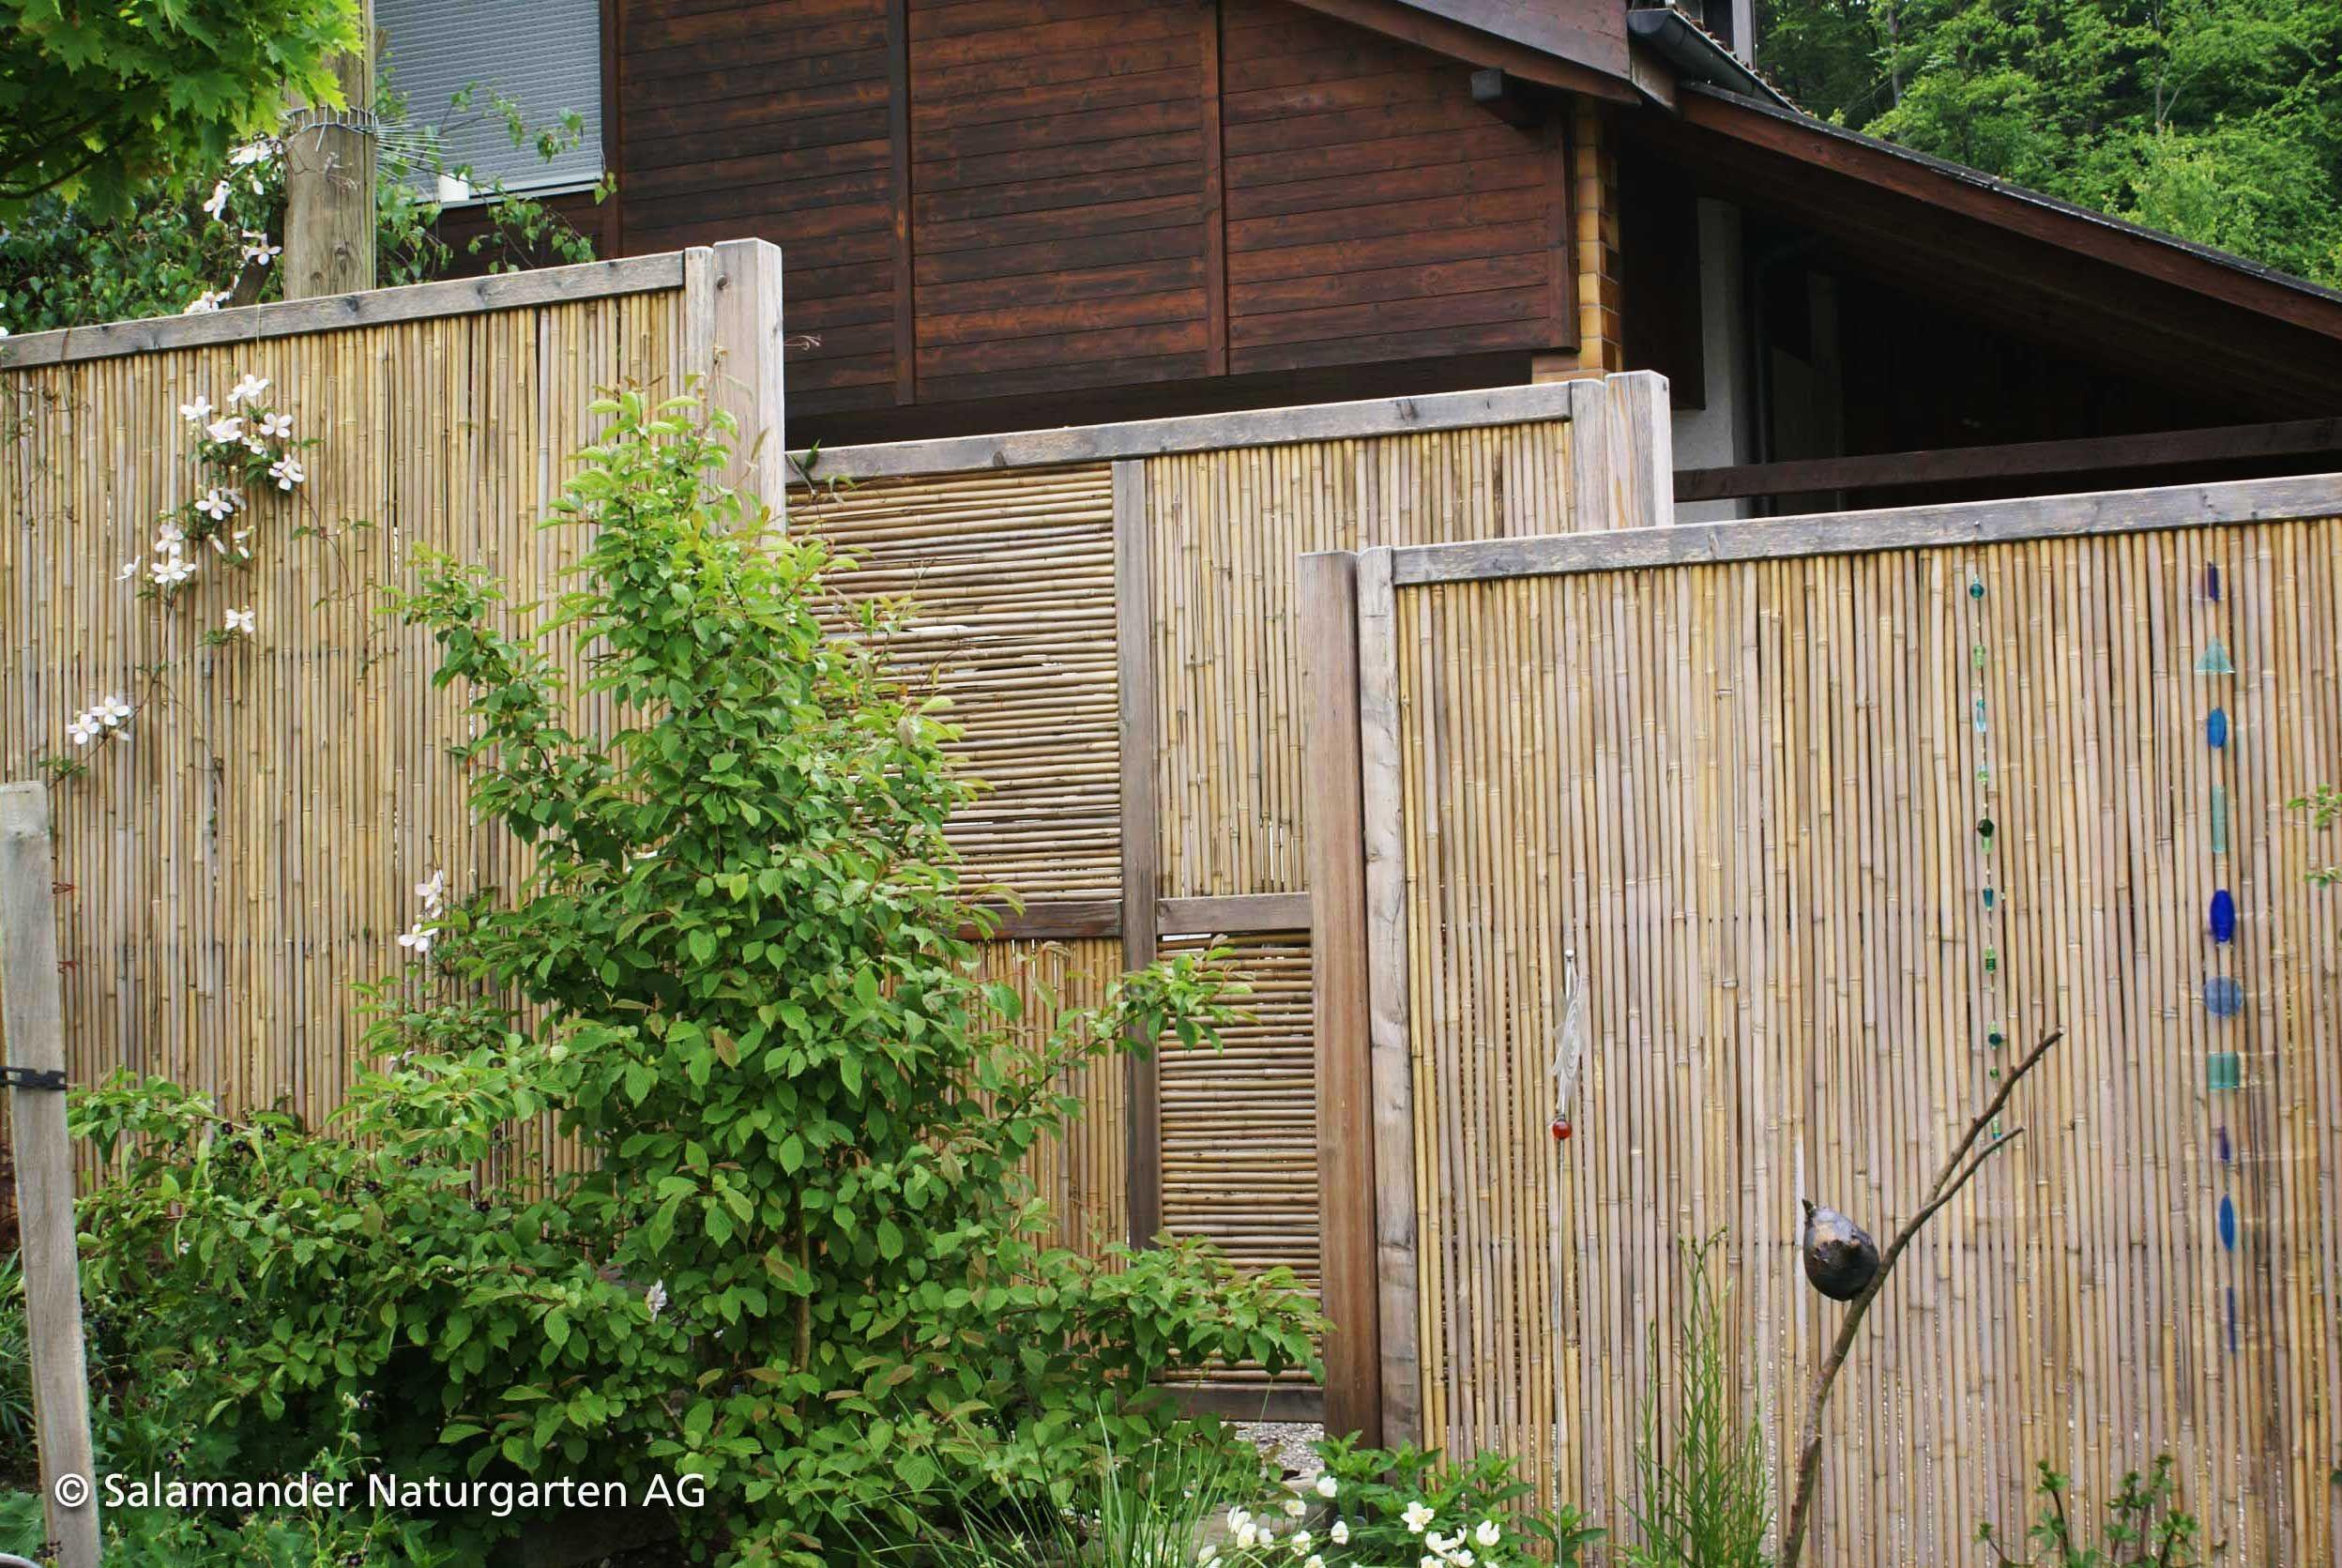 Mehrere Sichtschutzelemente Aus Schilf Welche Allmahlich Mit Kletterpflanzen Bewachsen Werden Fences Fencesidea Haus Und Garten Sichtschutzelemente Garten